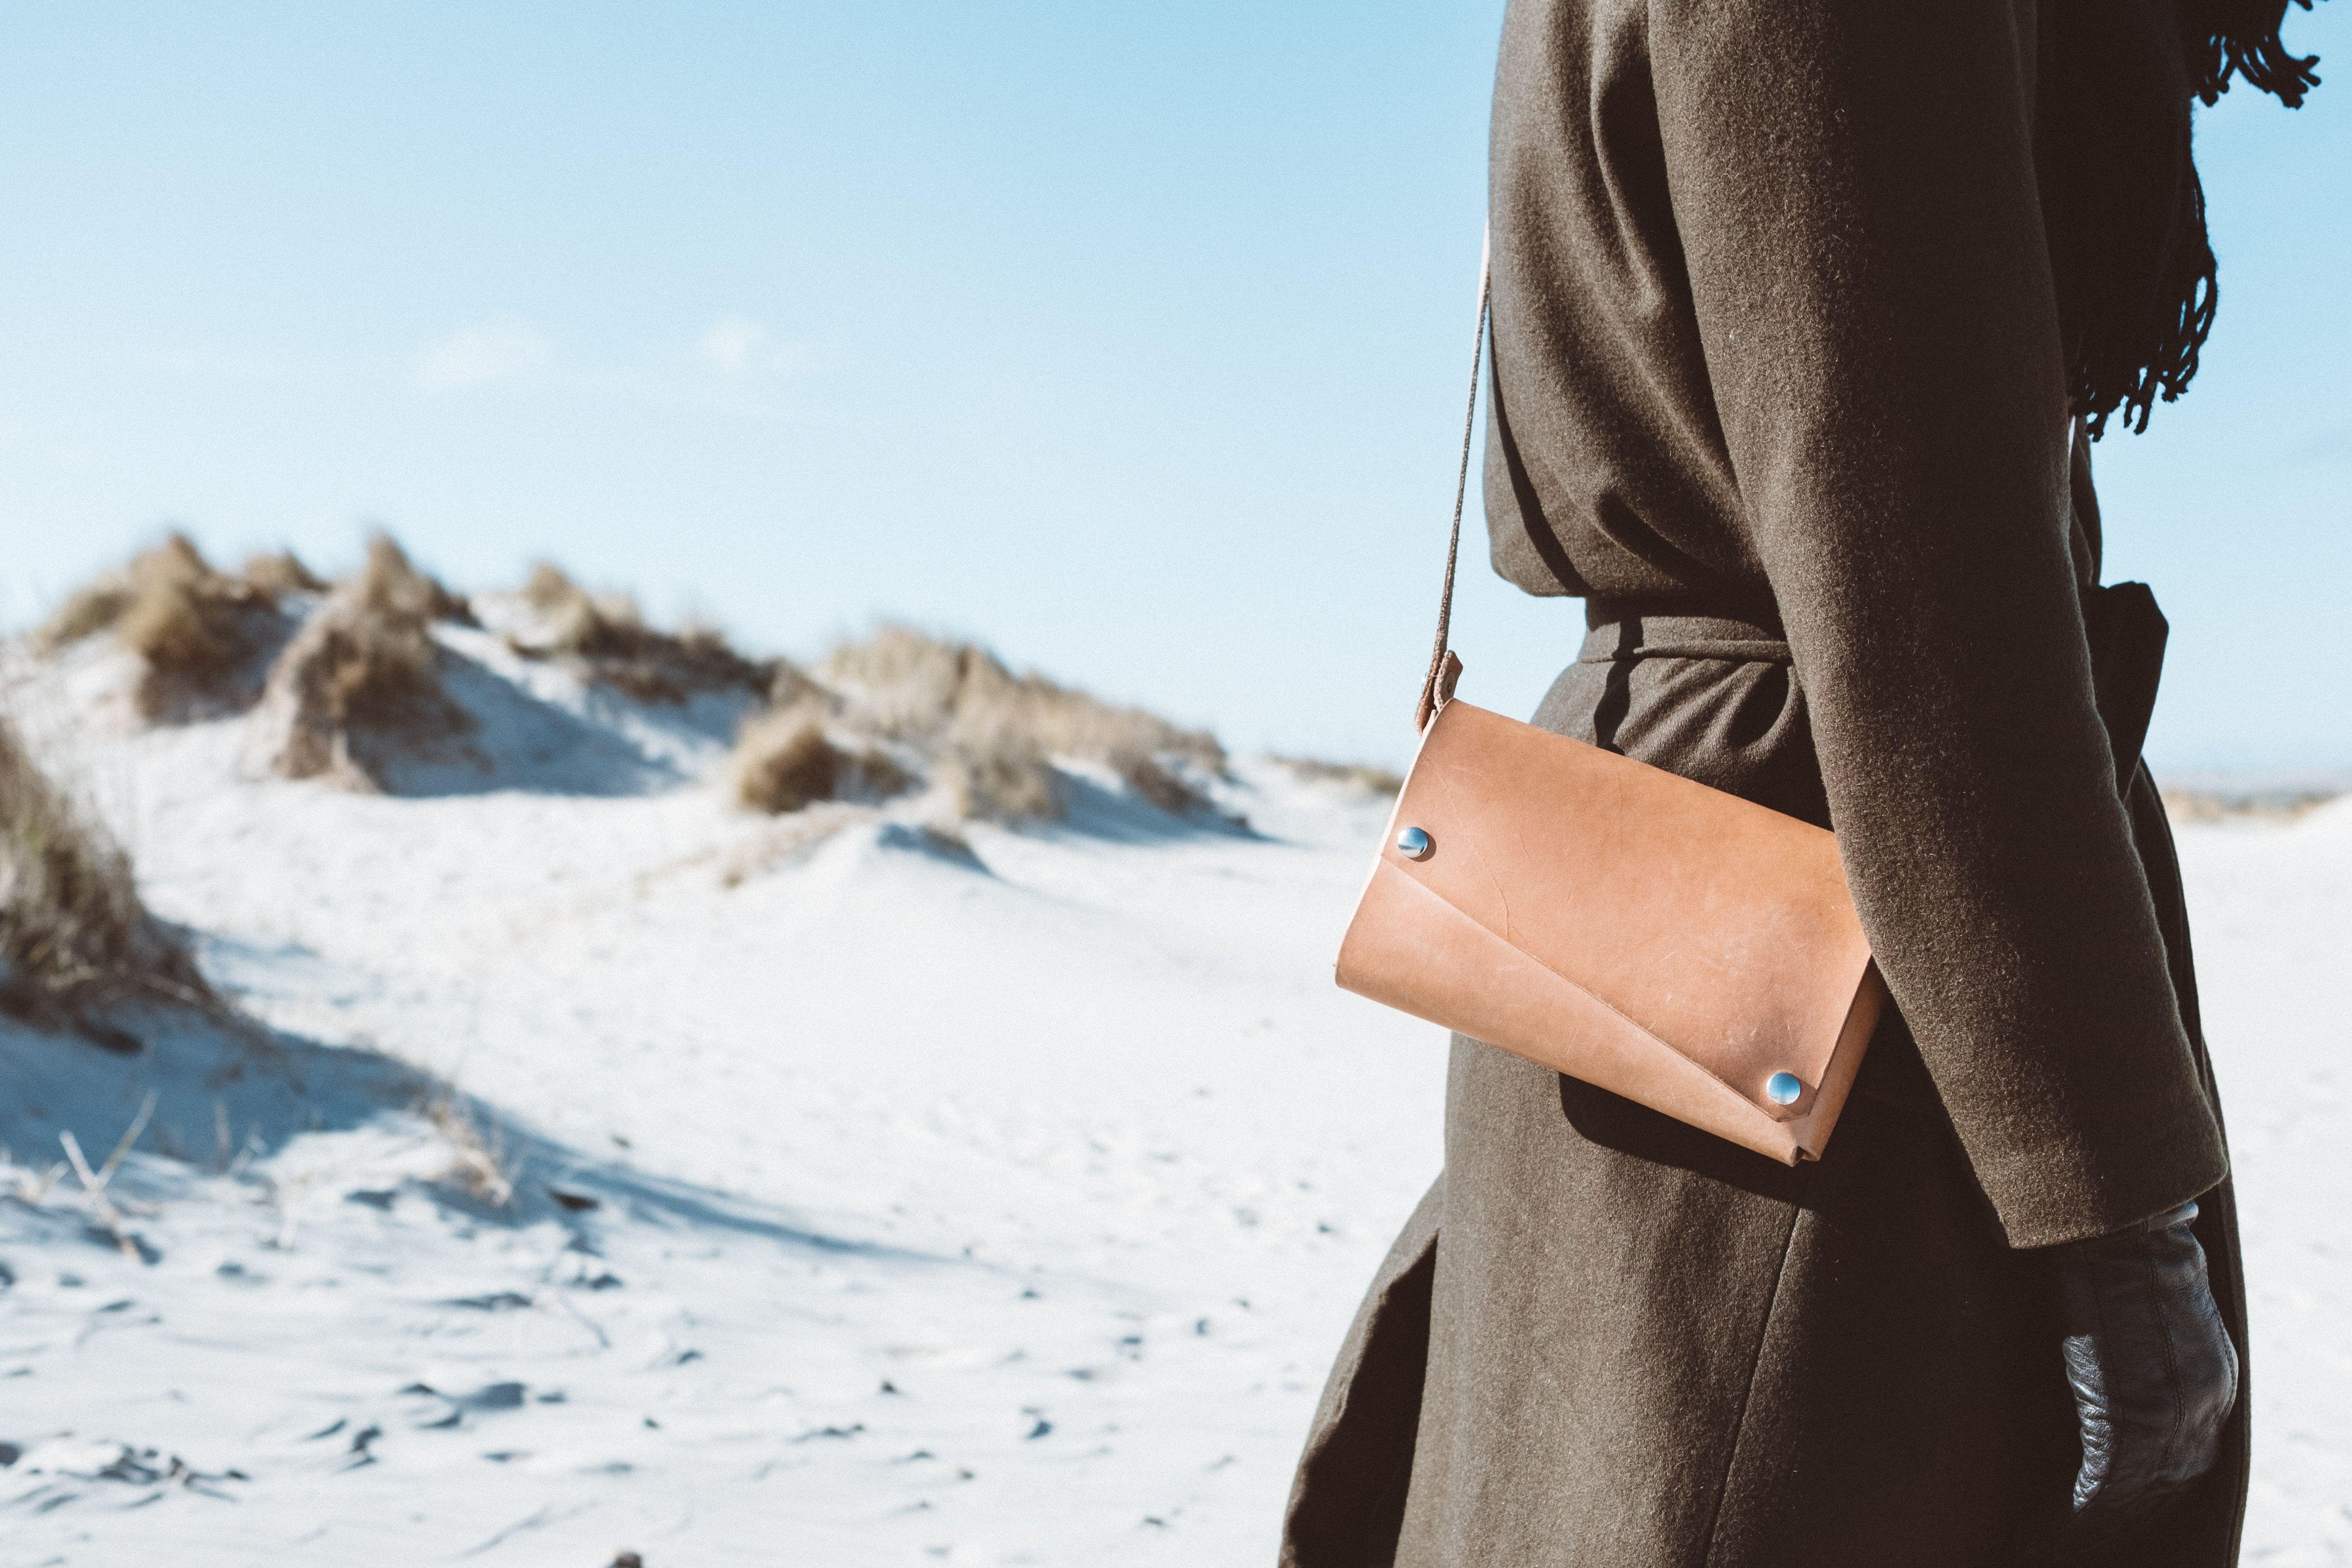 Le sac à main : un objet de mode riche d'histoire